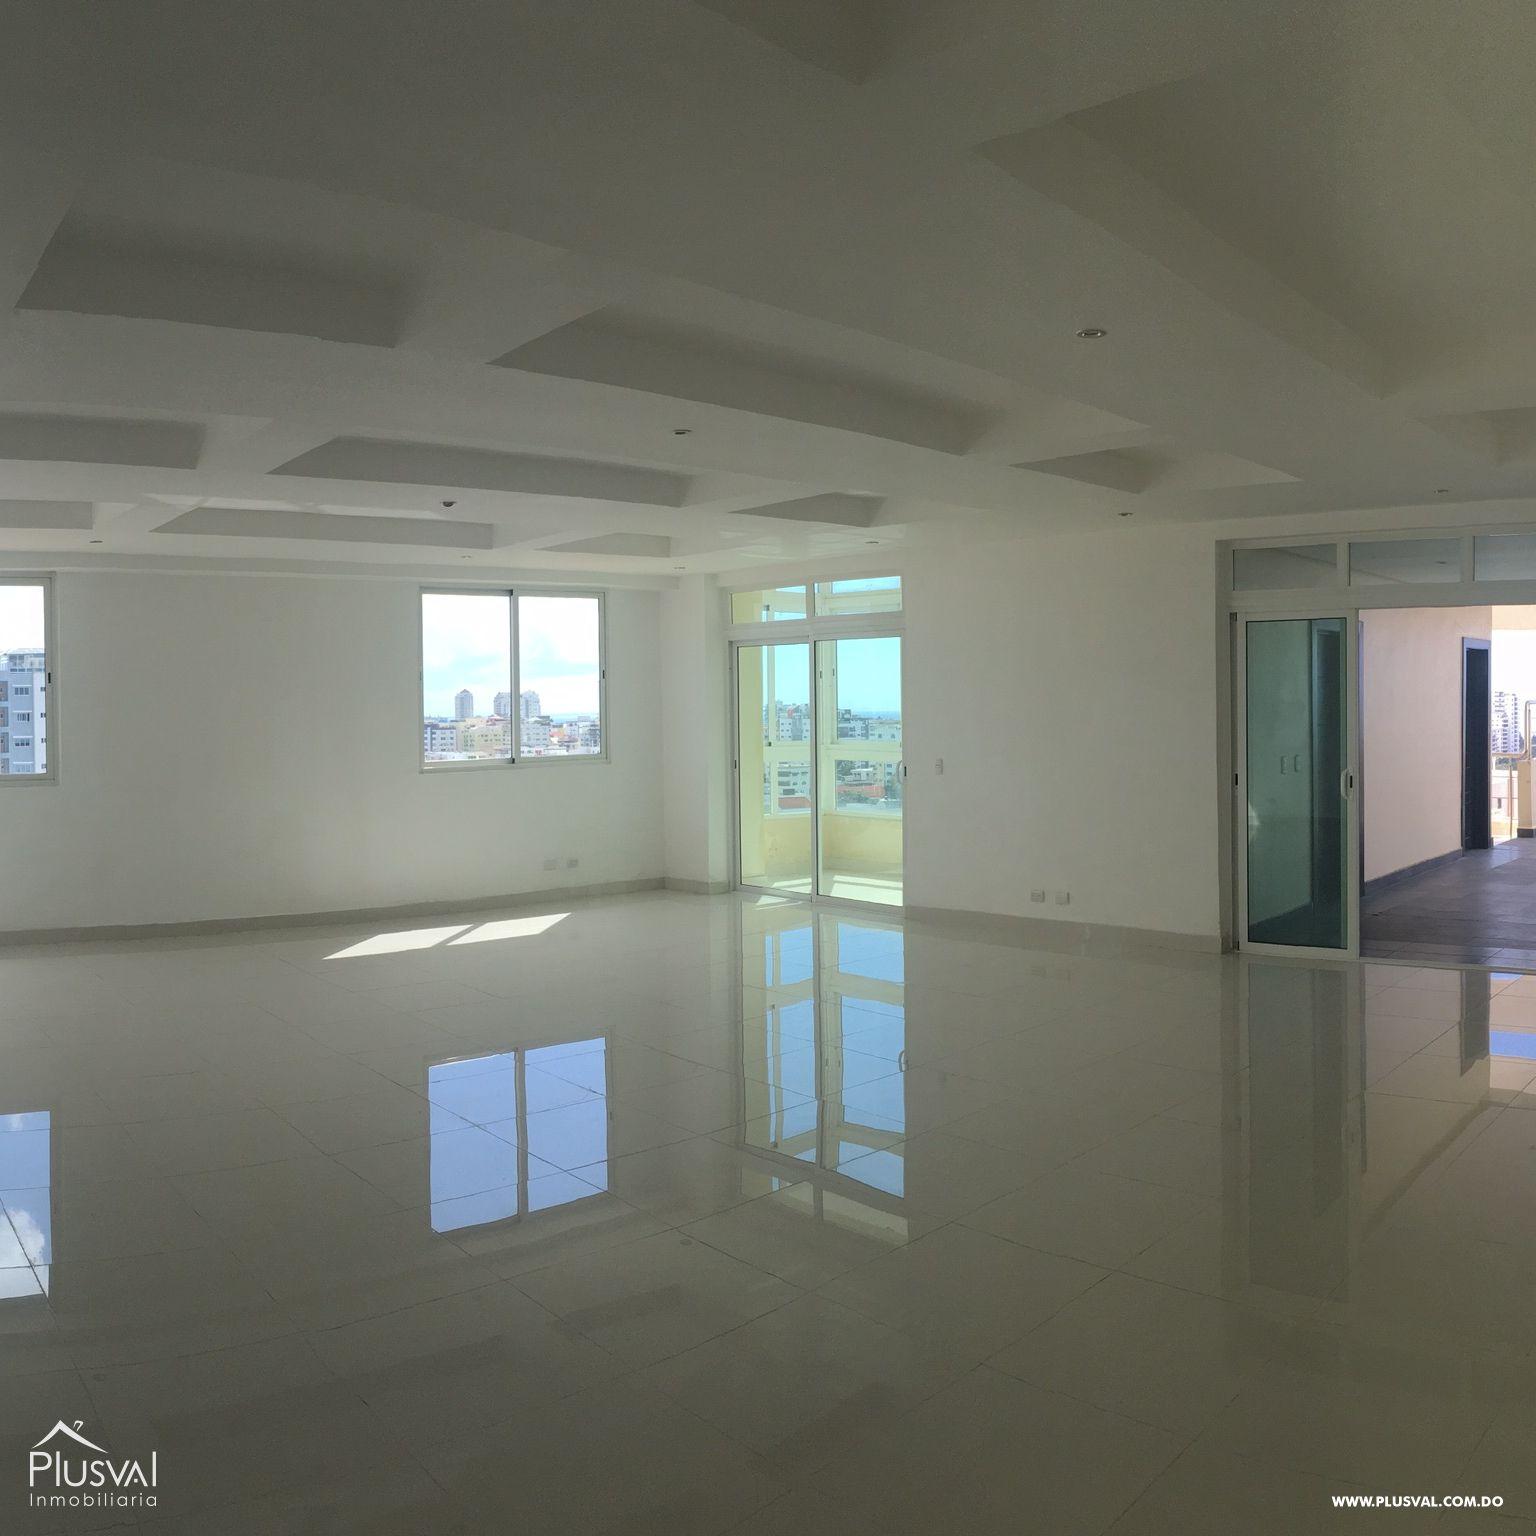 Penthouse en venta, Mirador Norte 169513